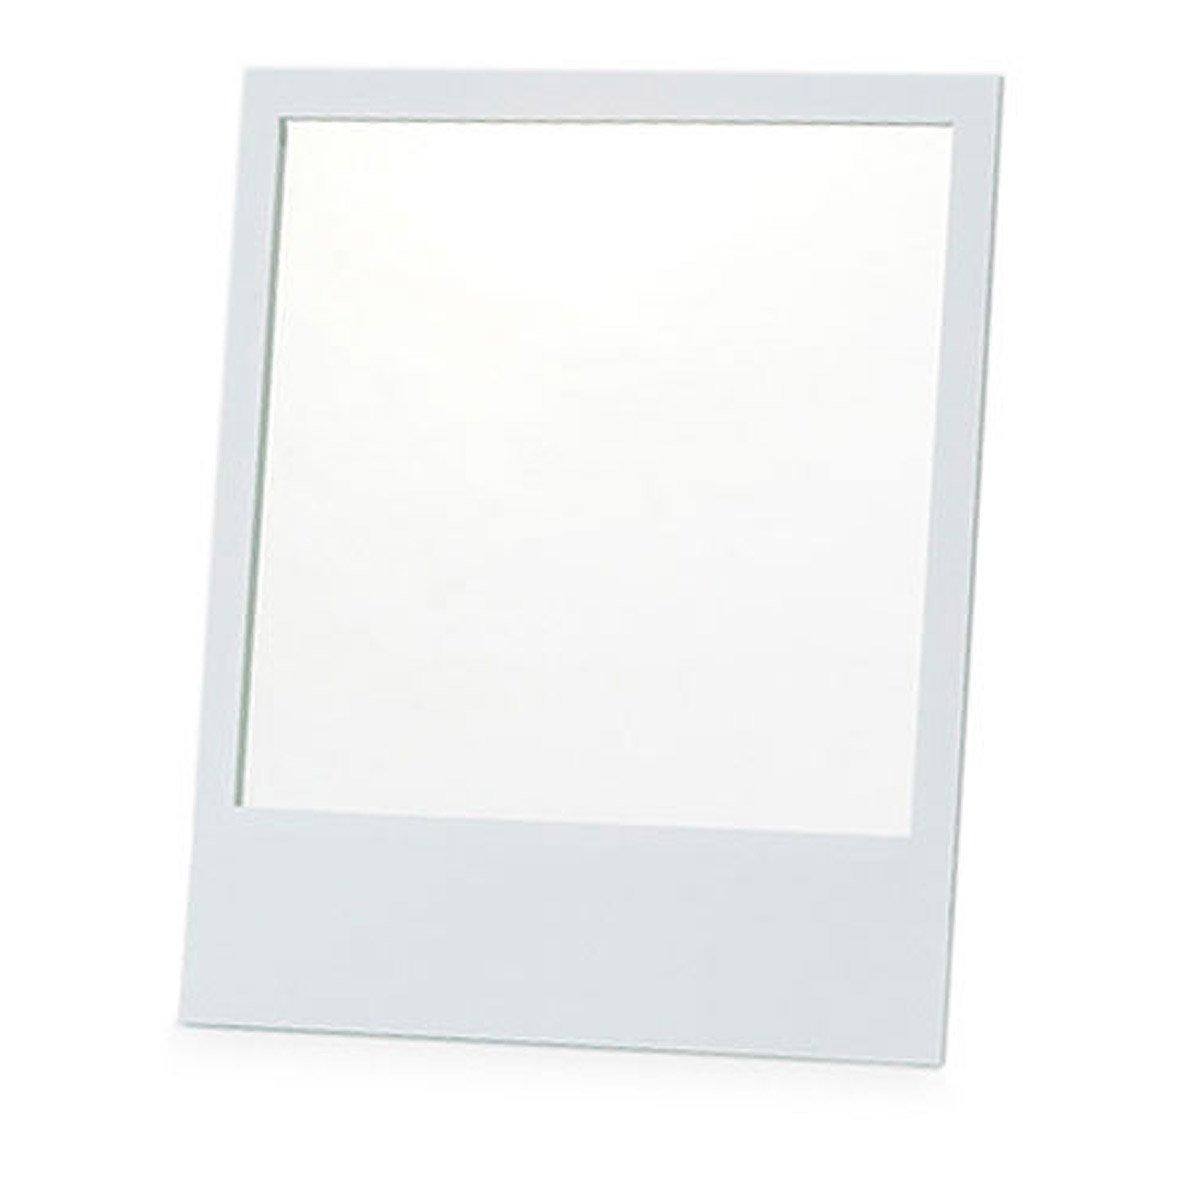 instant photo mirror 1 thumbnail